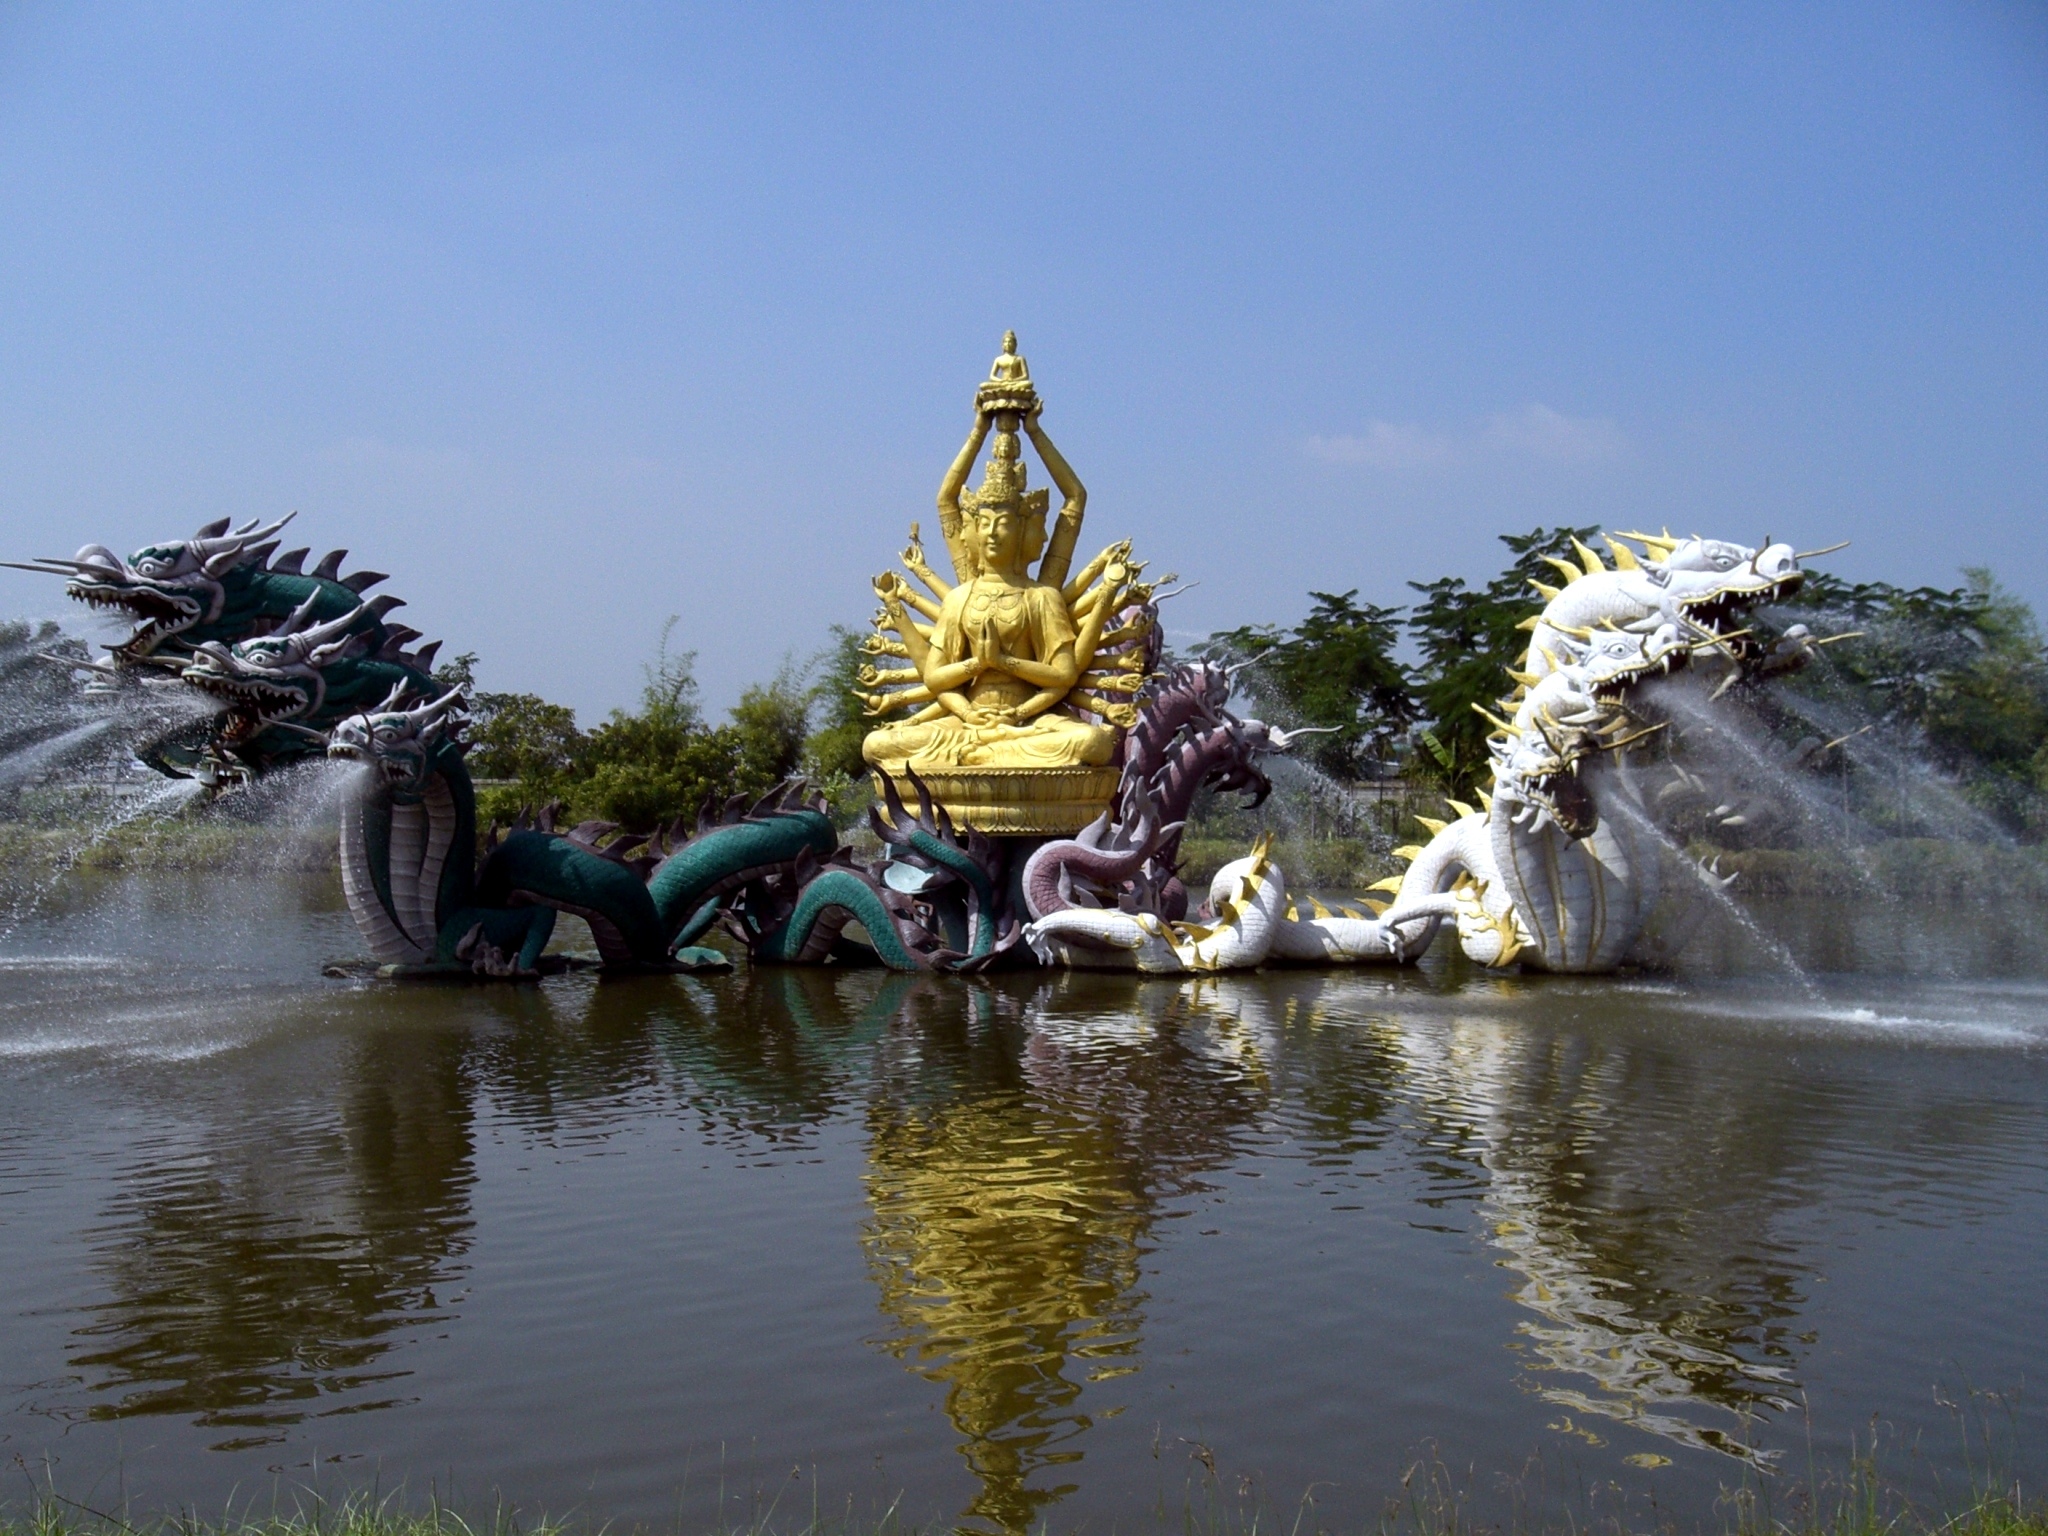 File:Mueang Boran HAH 0674.jpg - Wikimedia Commons